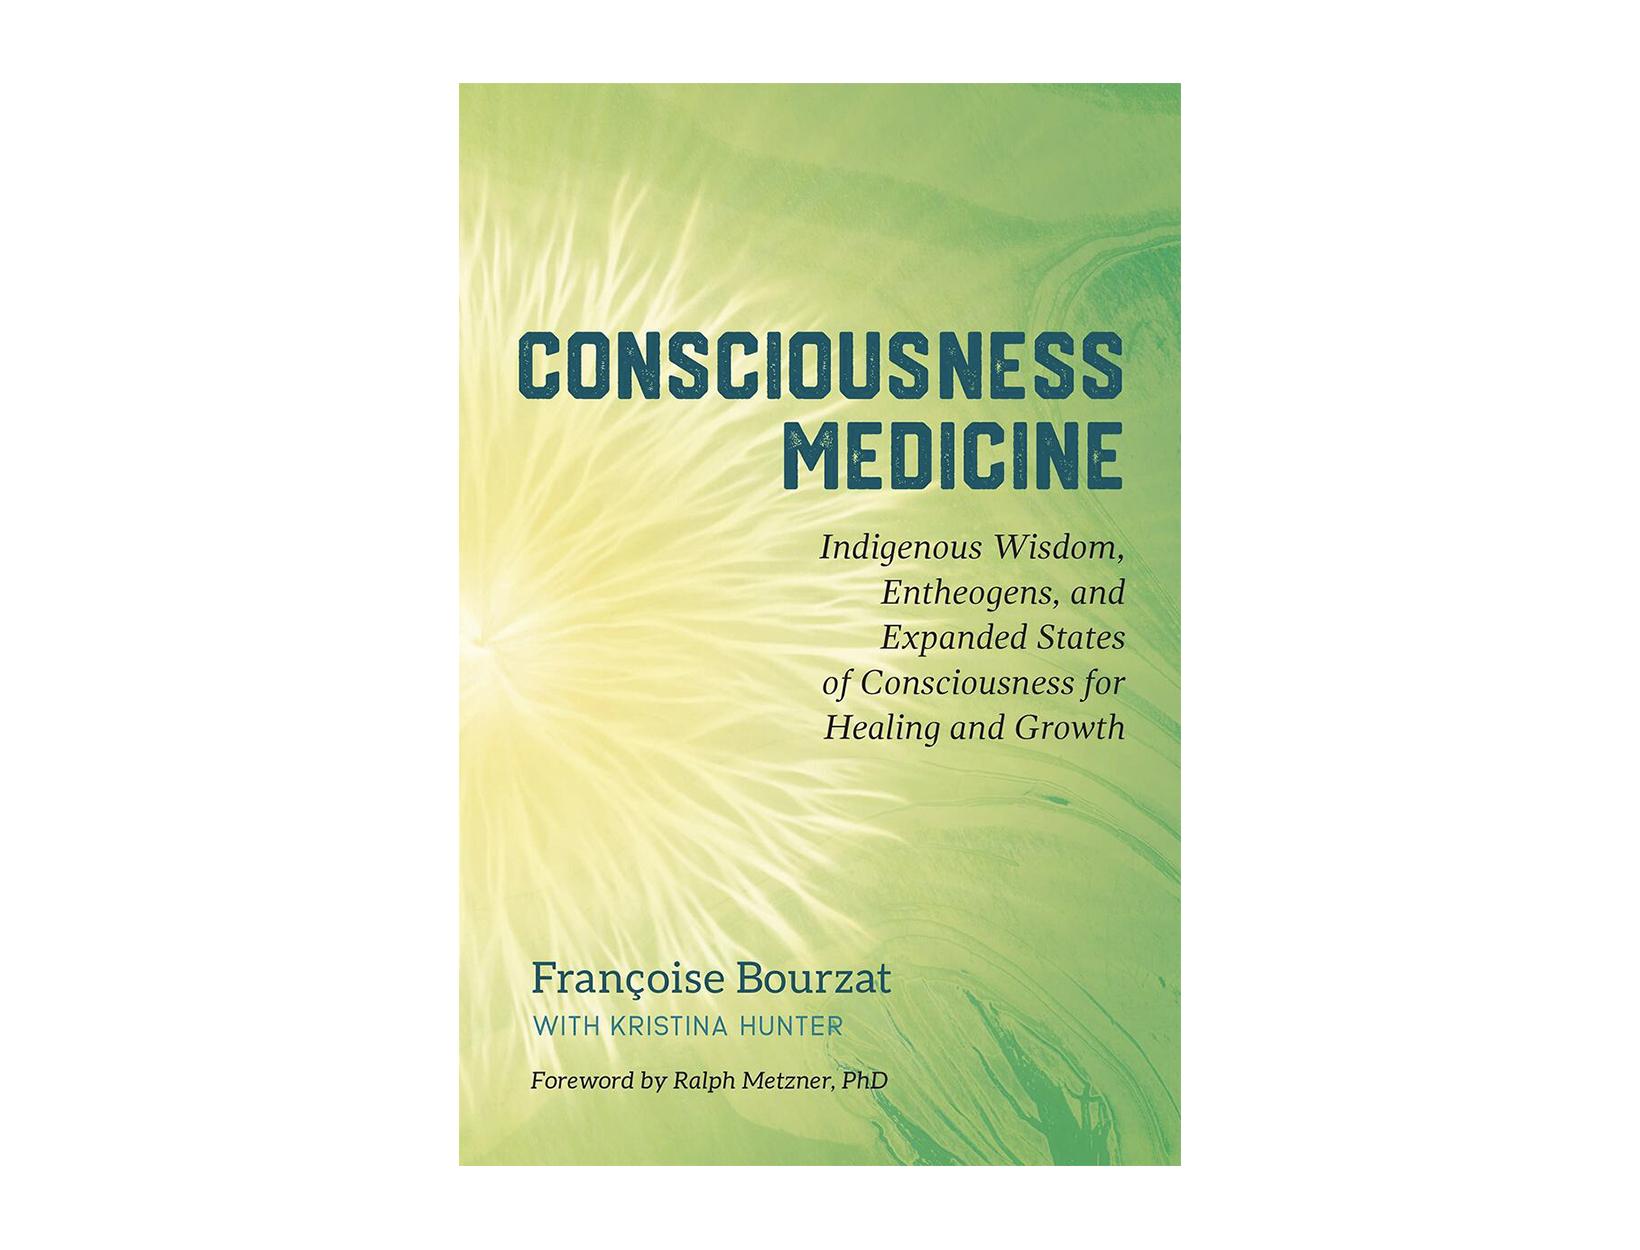 <em>Consciousness Medicine</em> by Françoise Bourzat with Kristina Hunter